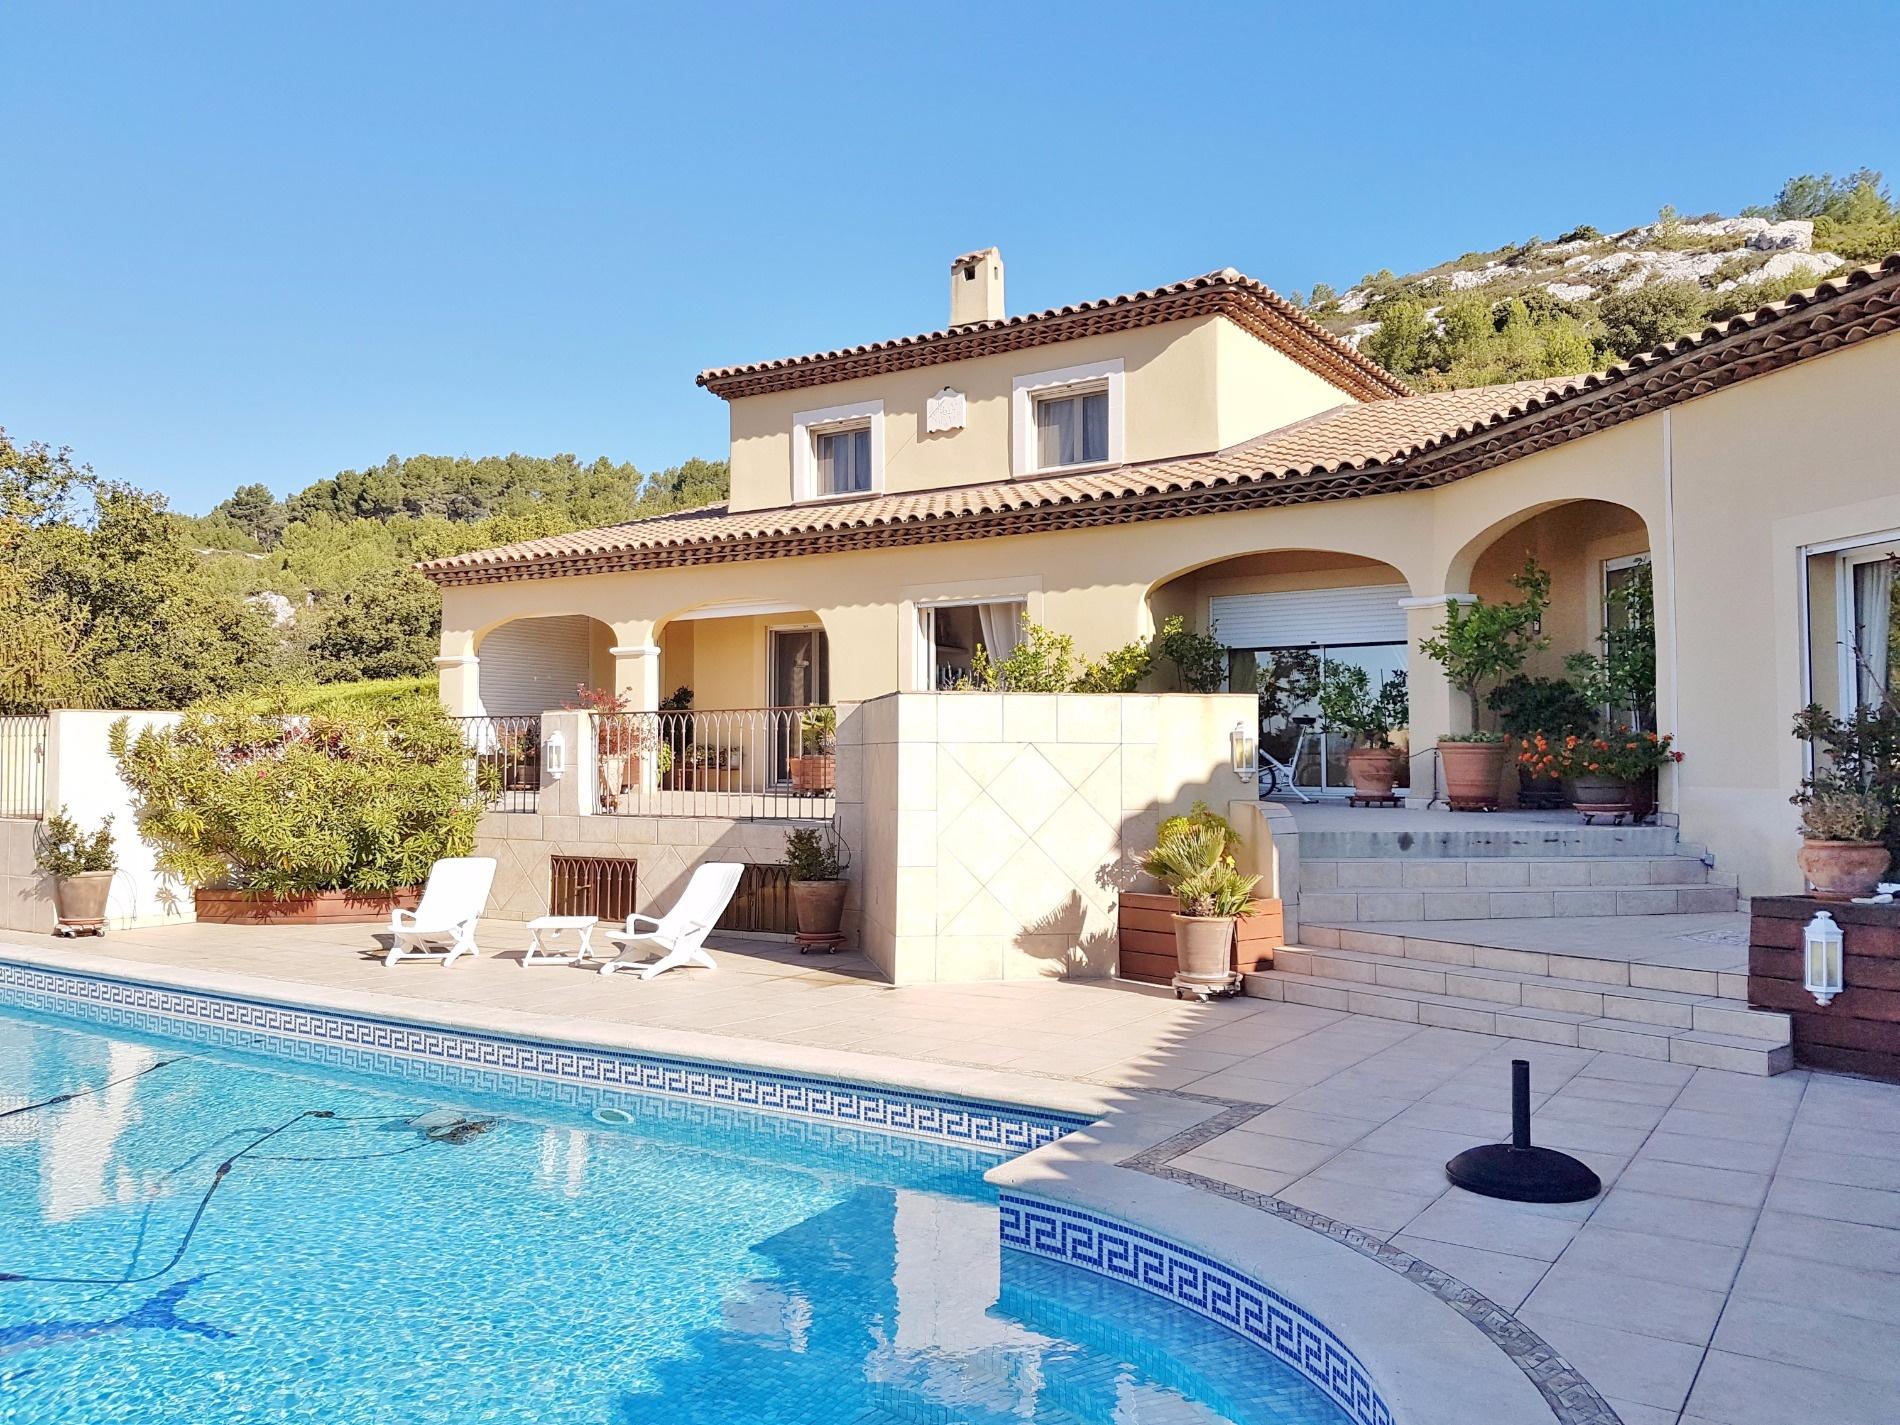 Offres de vente Maison / Villa Bouc-Bel-Air (13320)